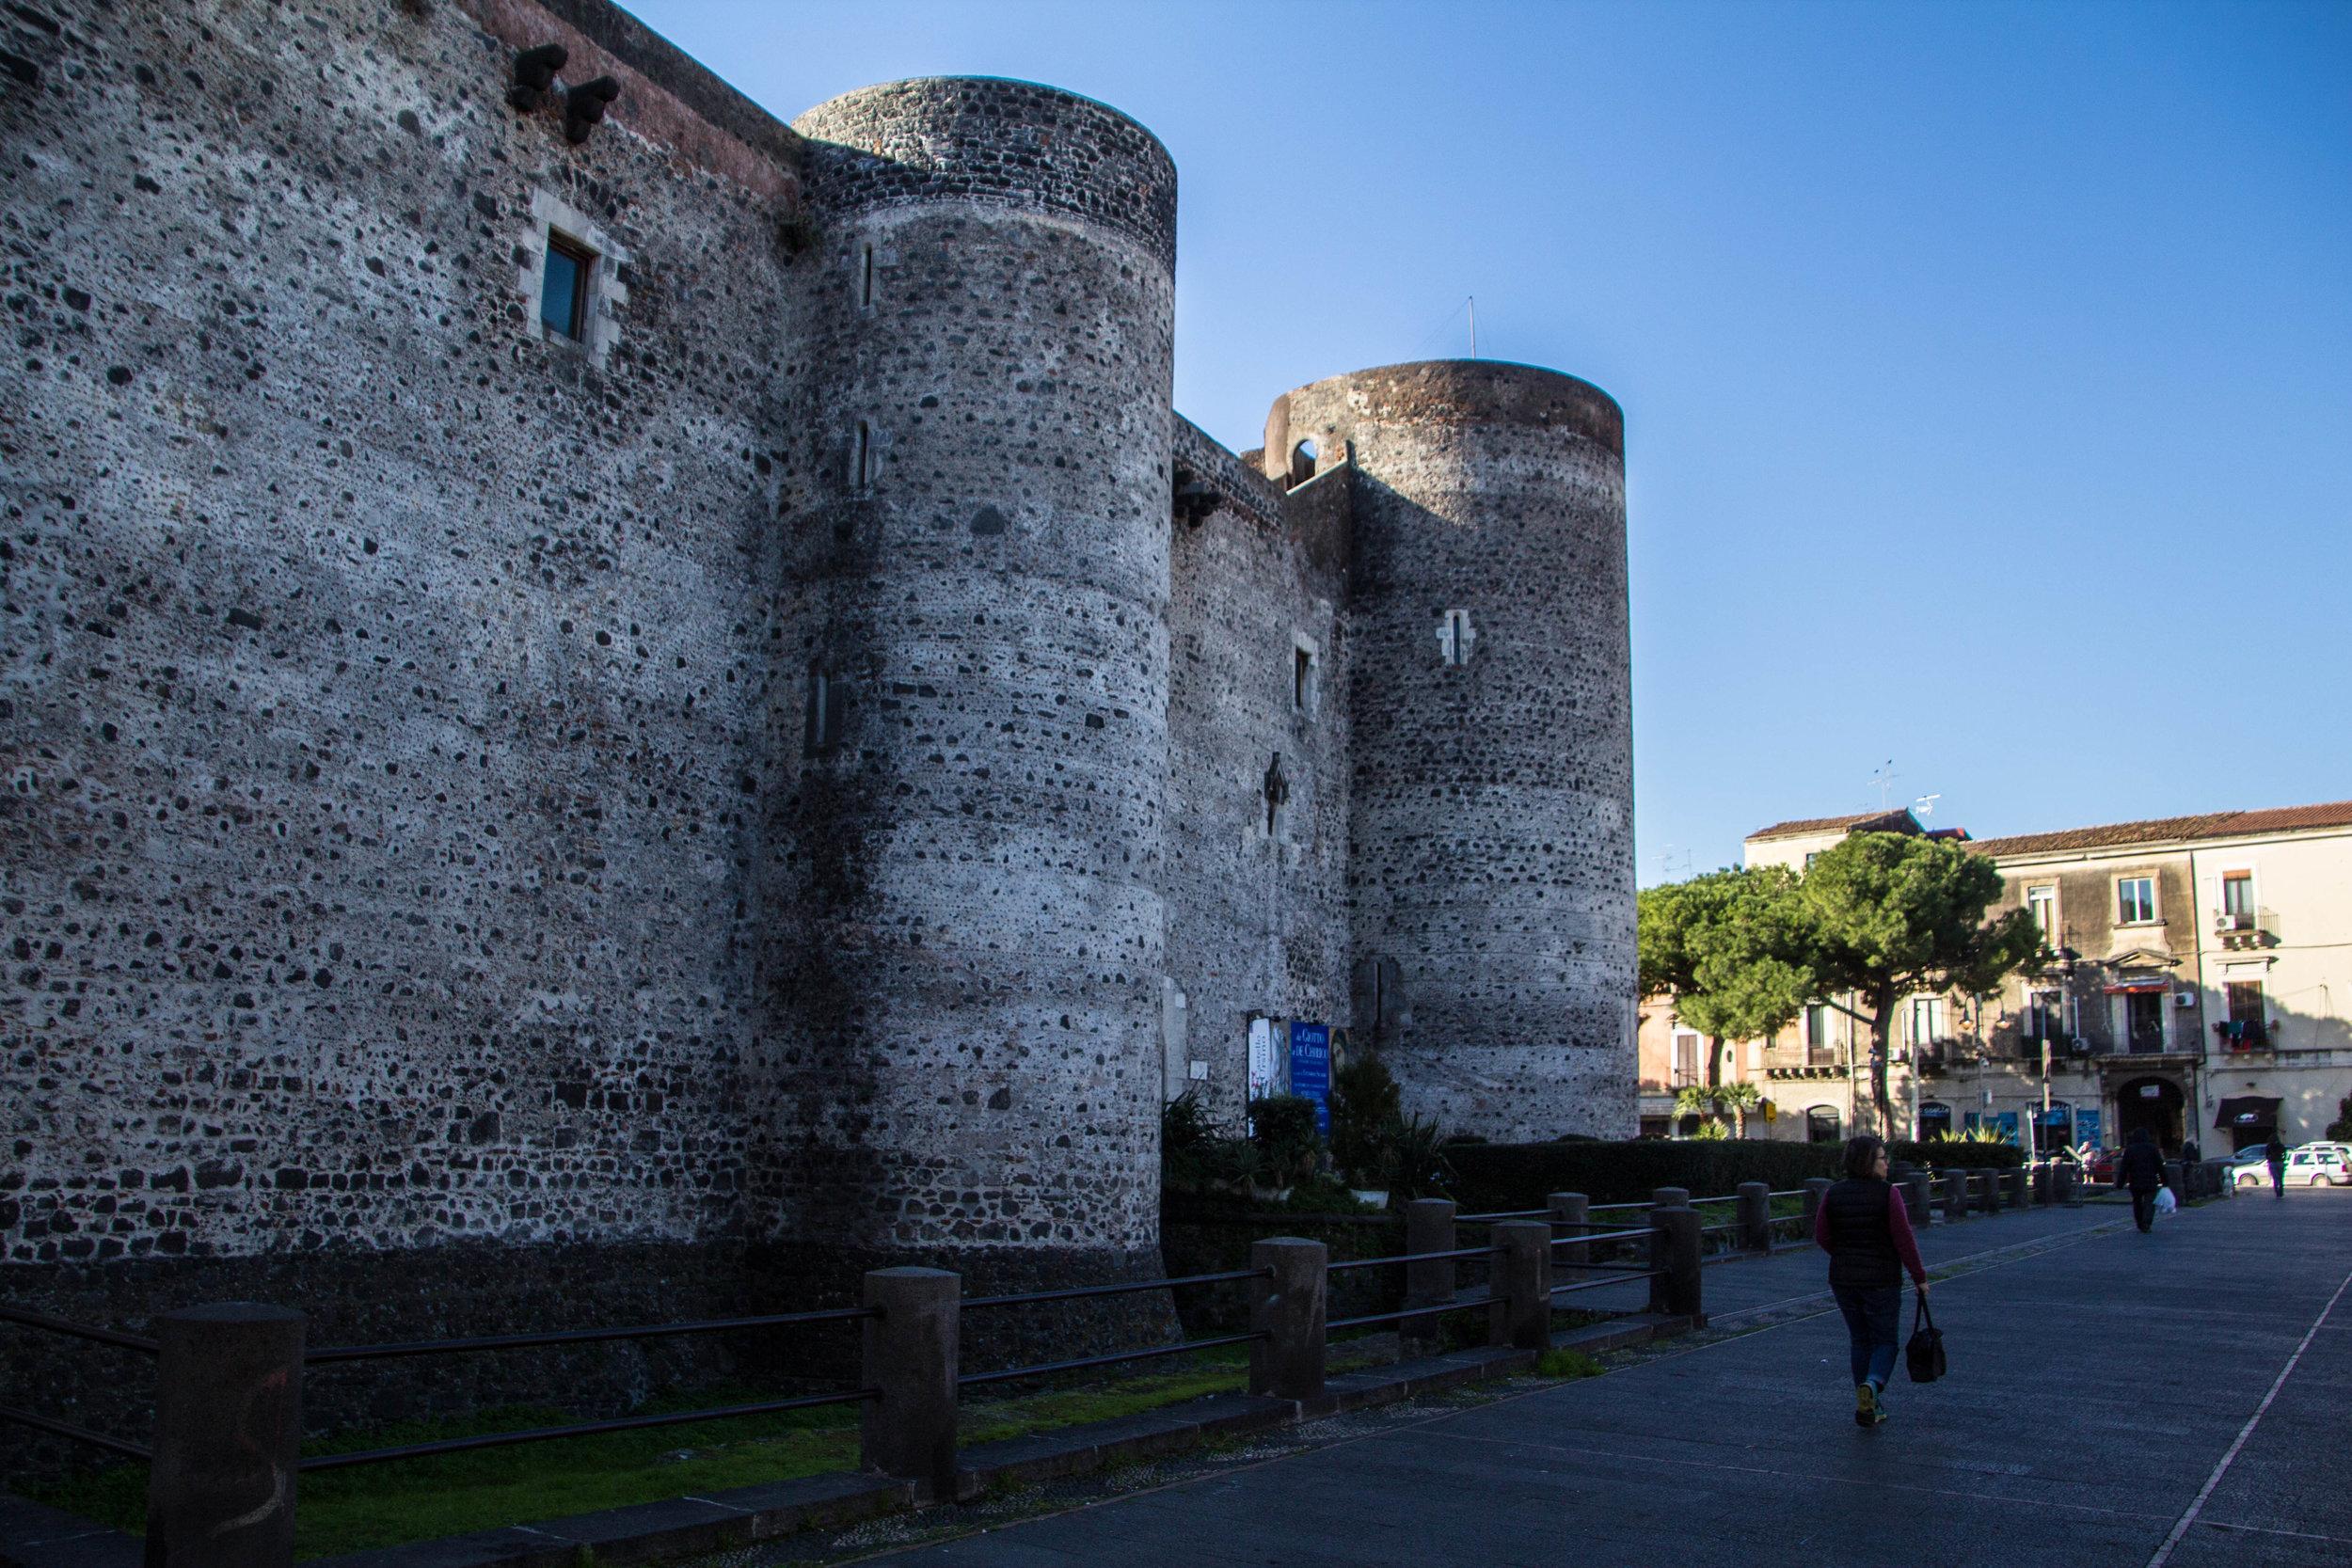 museo-civico-castello-ursino-catania-sicily-1.jpg